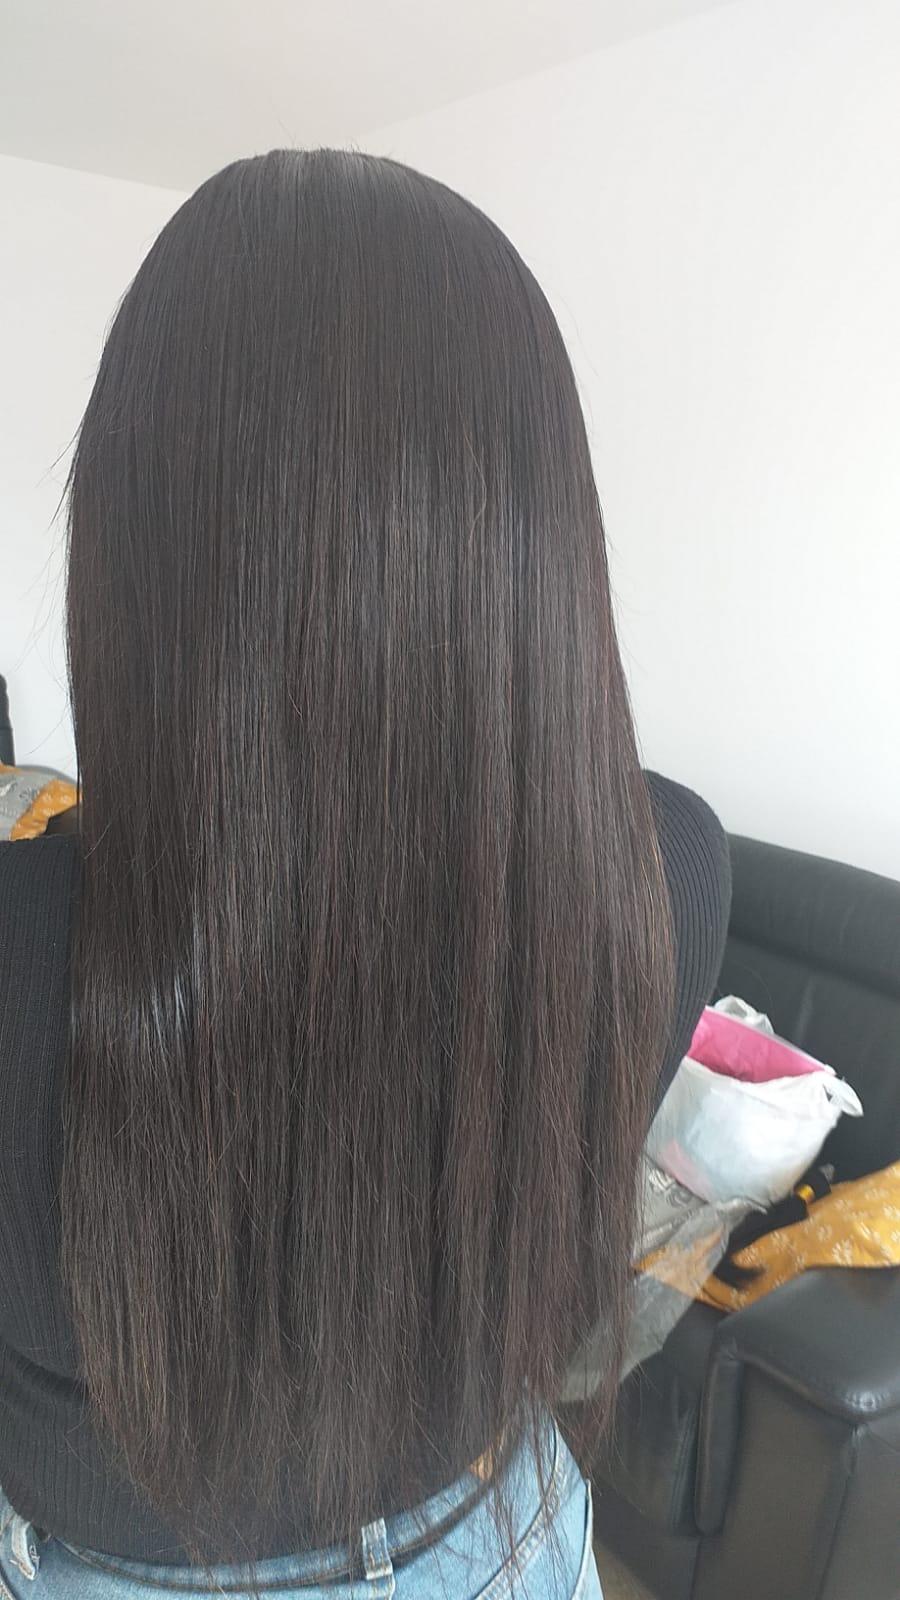 salon de coiffure afro tresse tresses box braids crochet braids vanilles tissages paris 75 77 78 91 92 93 94 95 DZCTXAYH